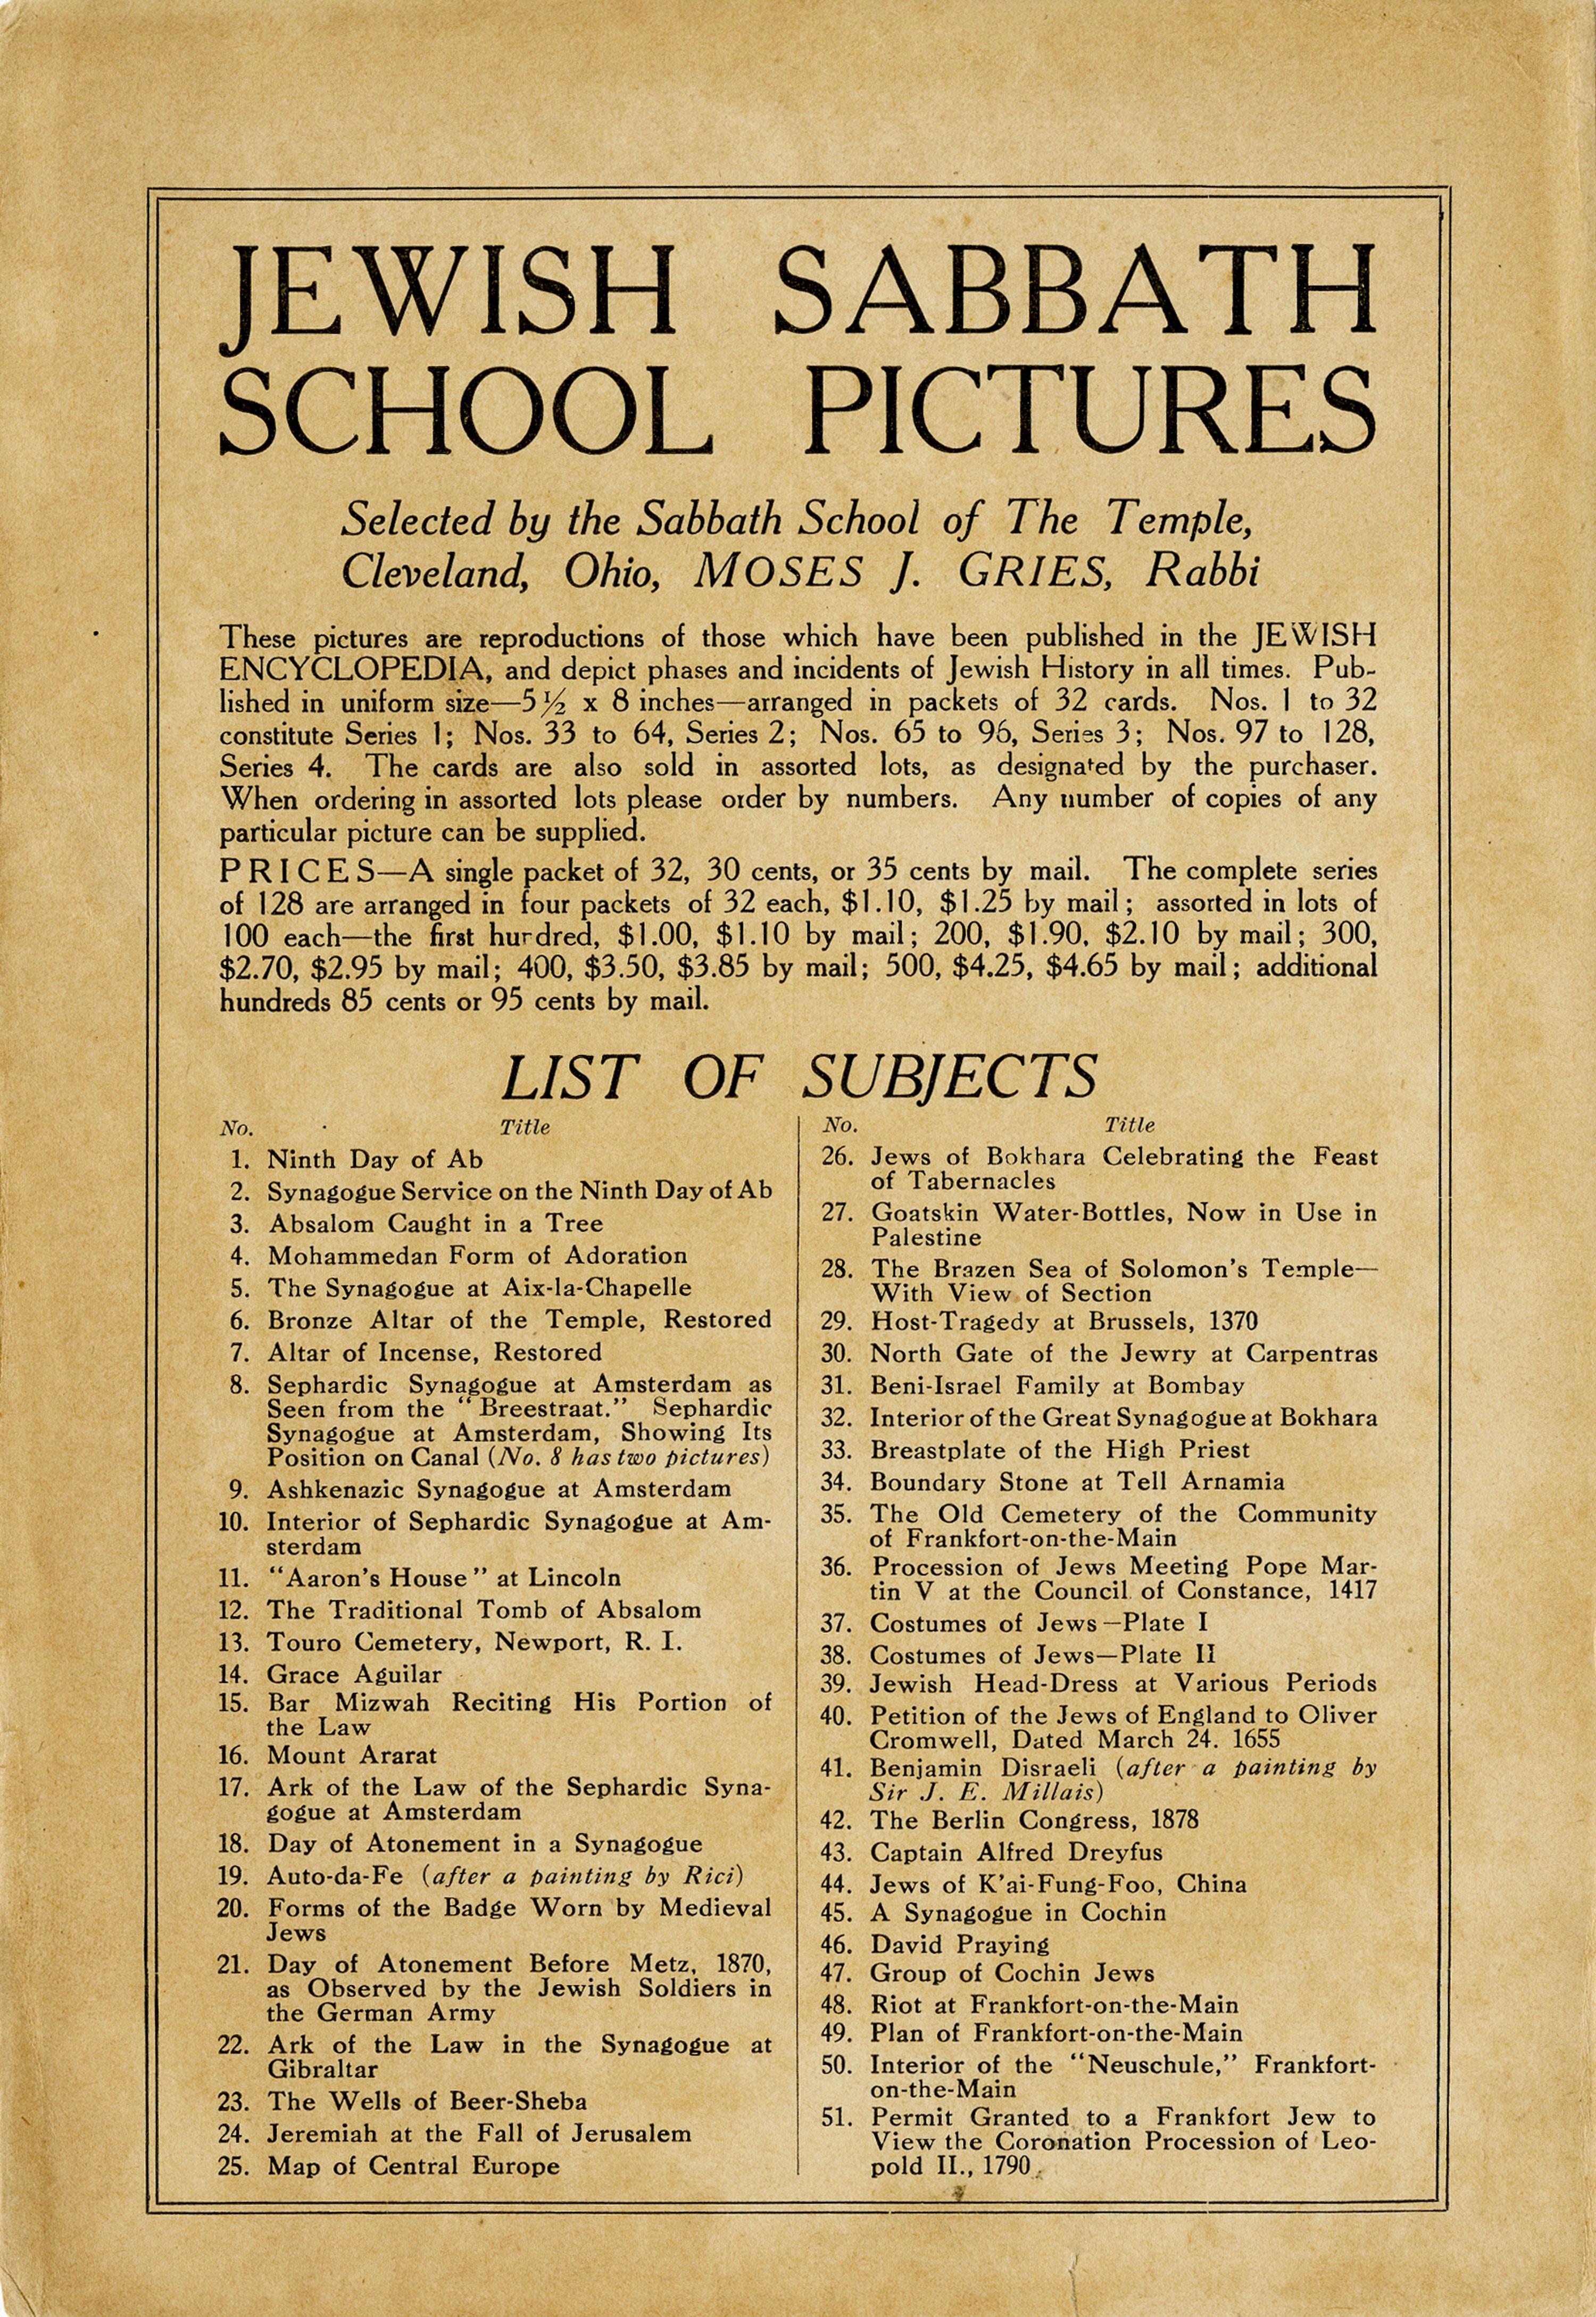 Jewish Sabbath-School Pictures, 2 of 3